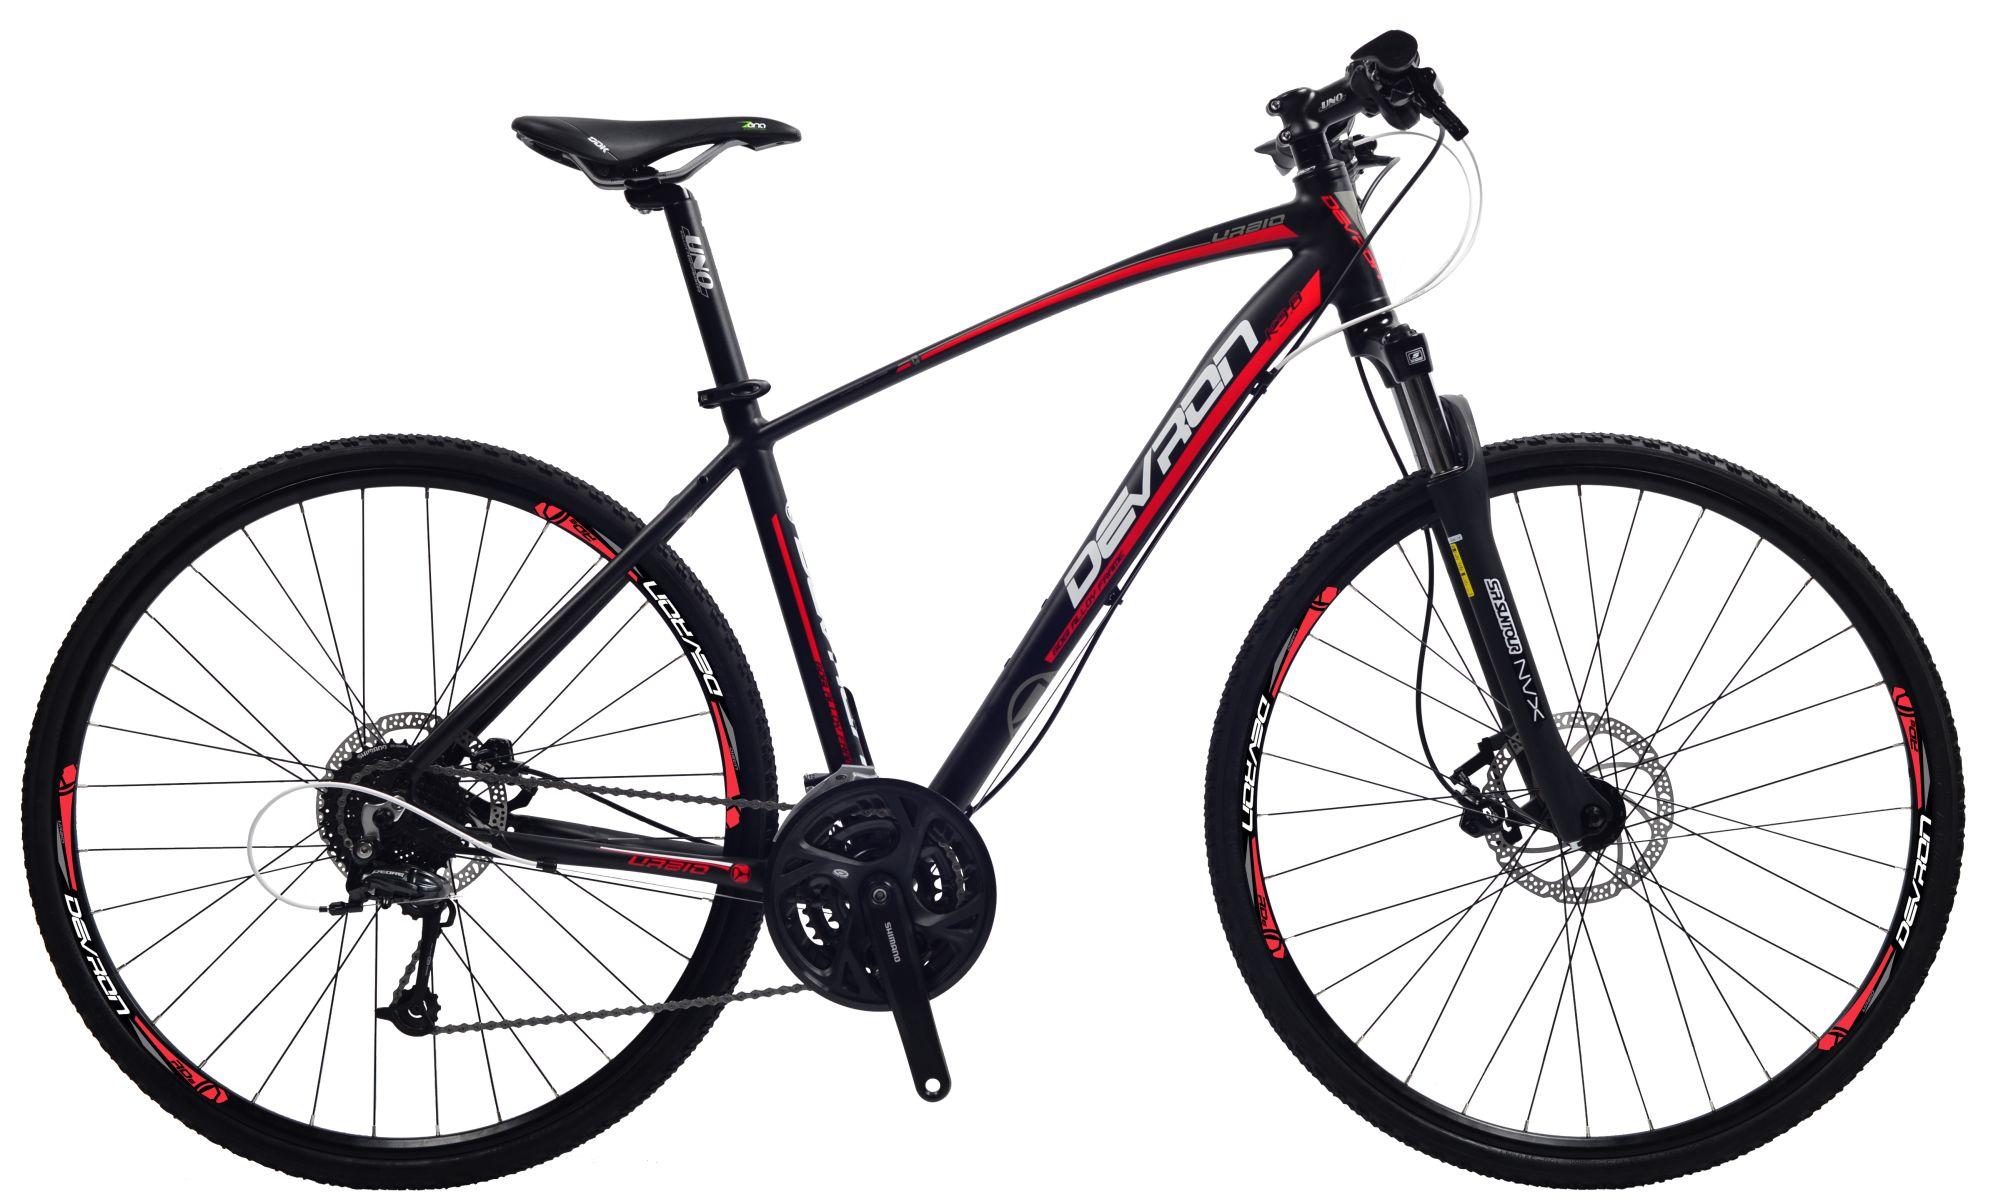 Kiváló crosskerékpárok is szerepelnek a széles dévai kínálatban, de van számos városi vagy akár országúti modell is!